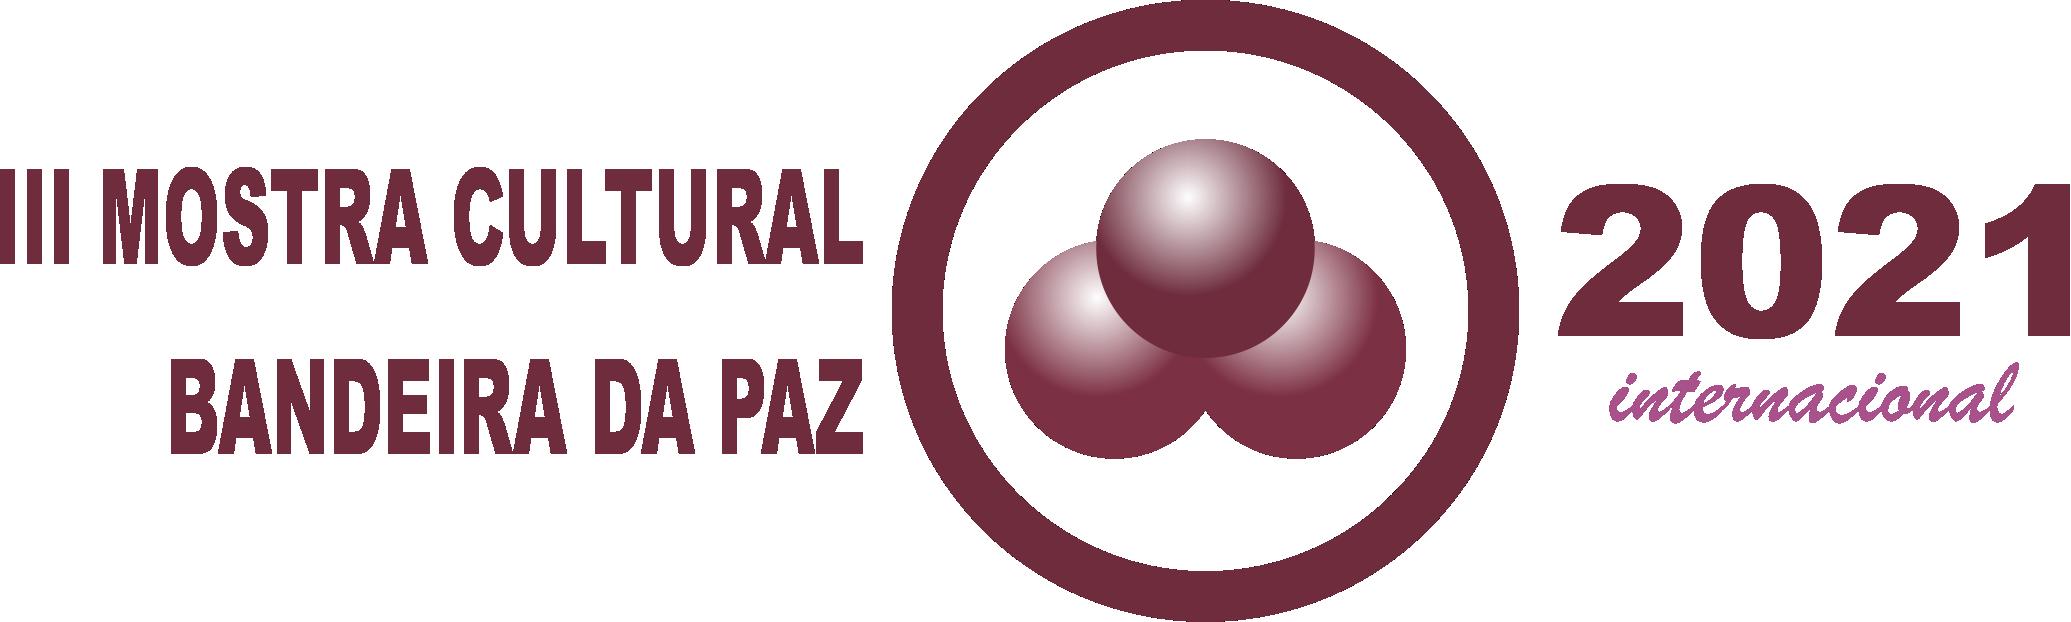 Logo MOSTRA CULTURAL 2021_internacional